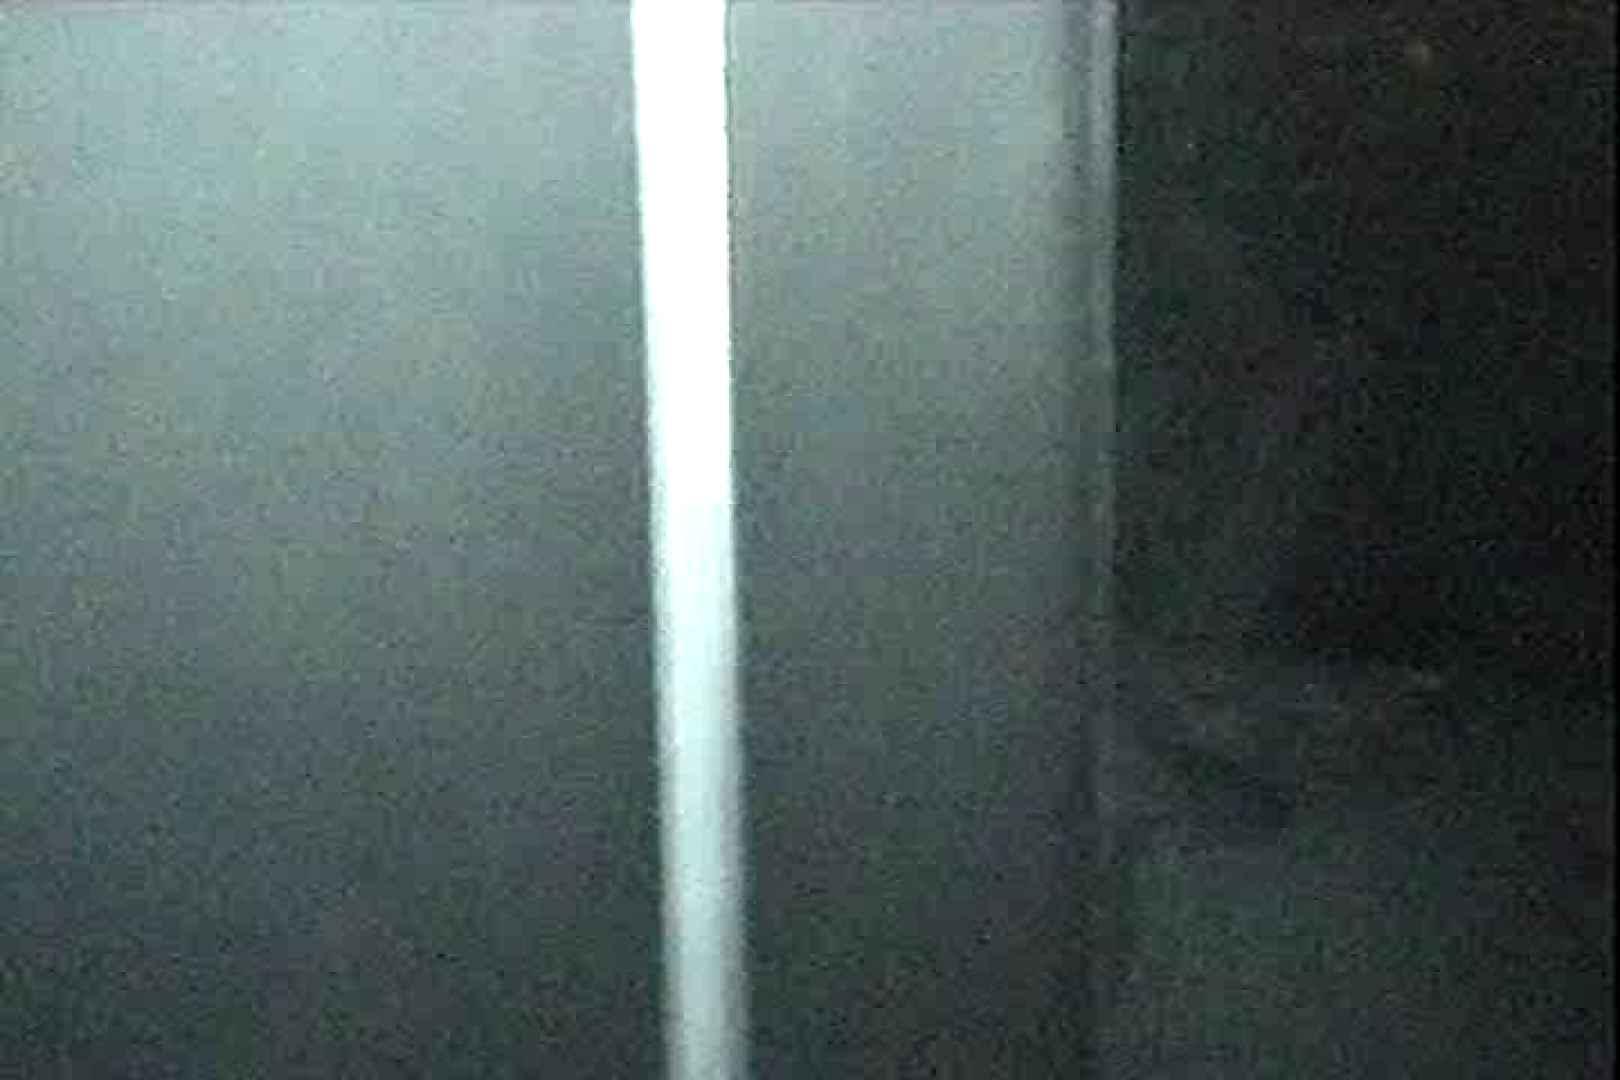 充血監督の深夜の運動会Vol.41 カップルのセックス   OLヌード天国  103PIX 5